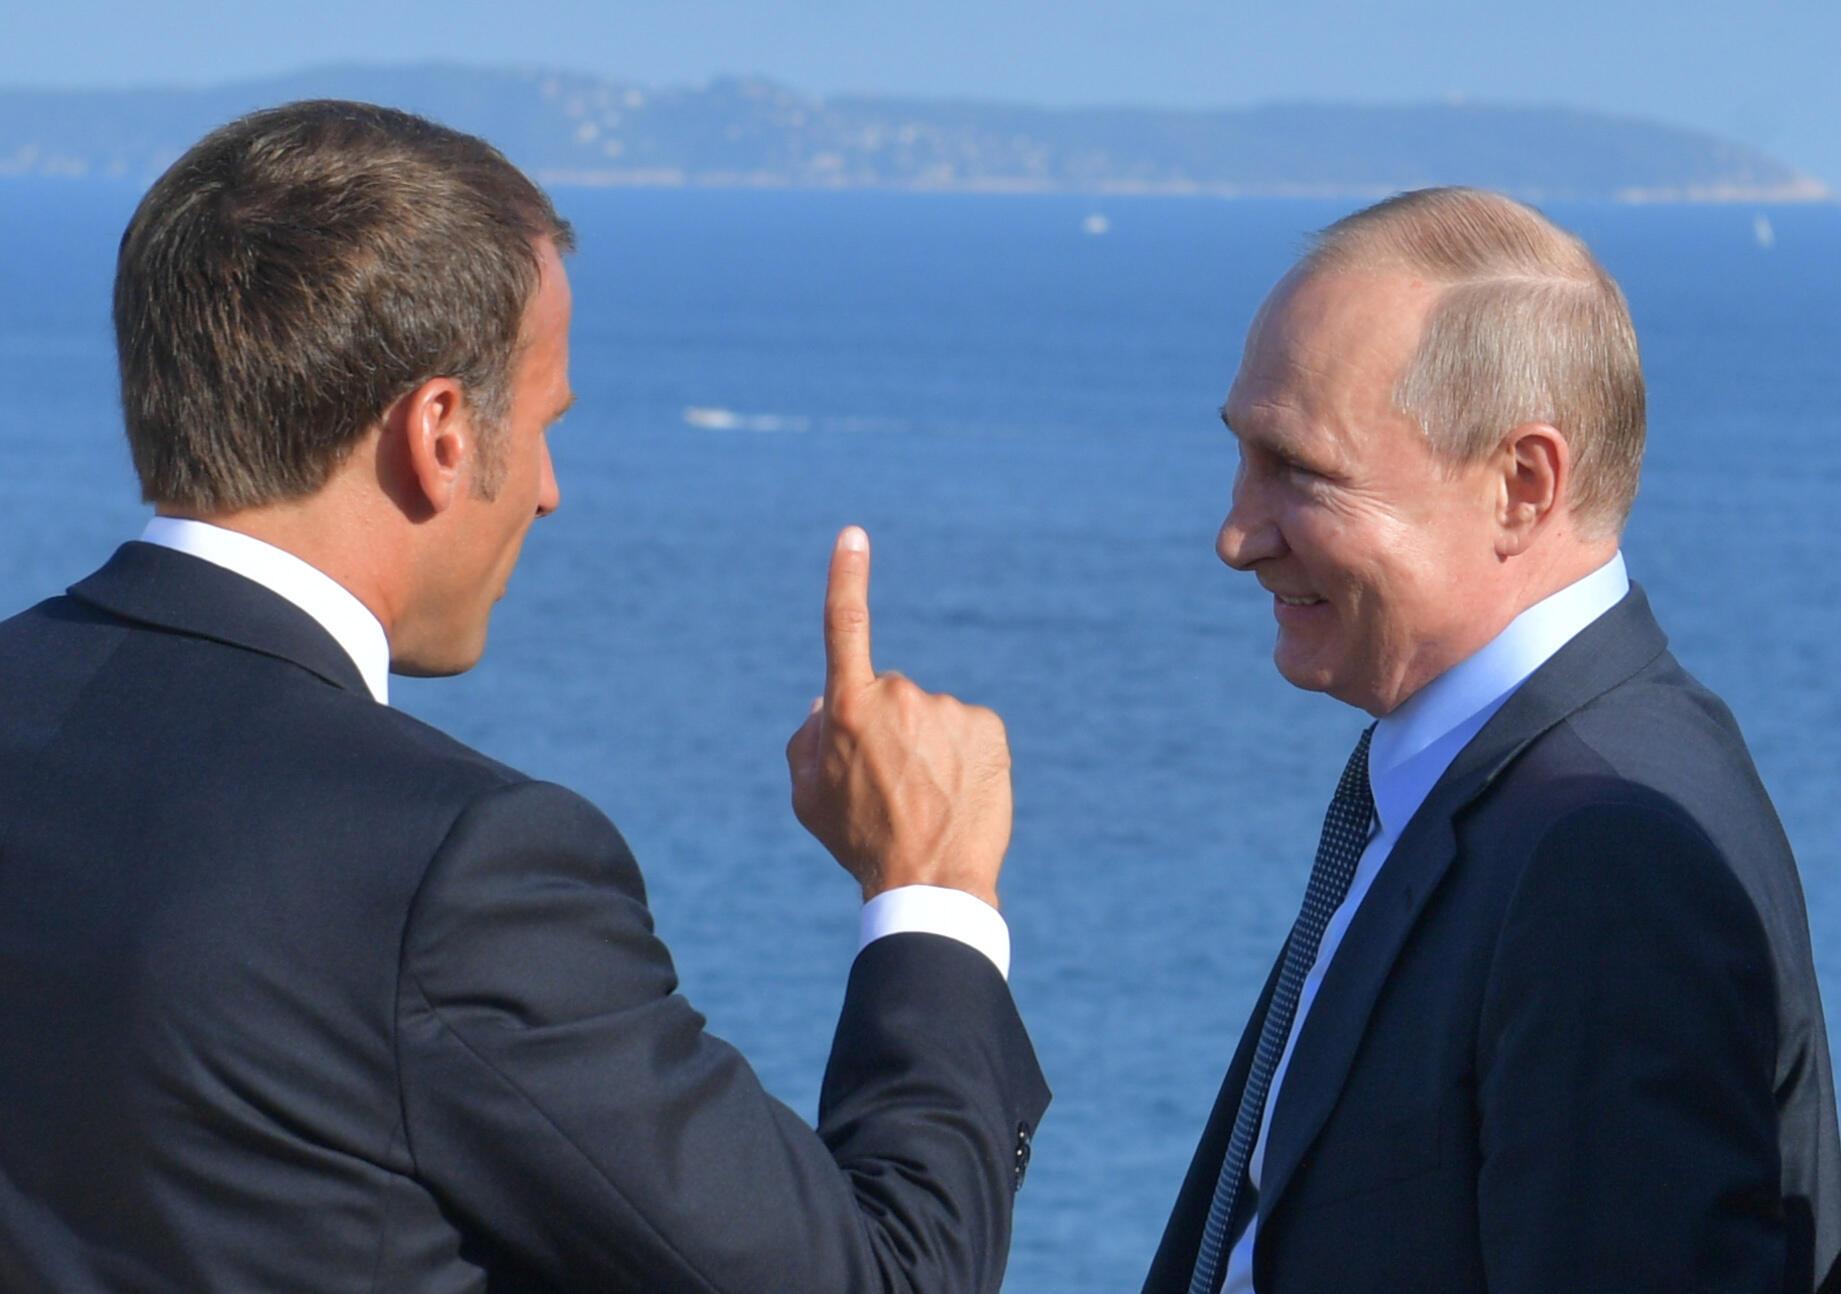 Tổng thống Pháp Emmanuel Macron (T) trò chuyện cùng đồng nhiệm Nga, Vladimir Putin tại Bregancon, Pháp, ngày 19/08/2019.